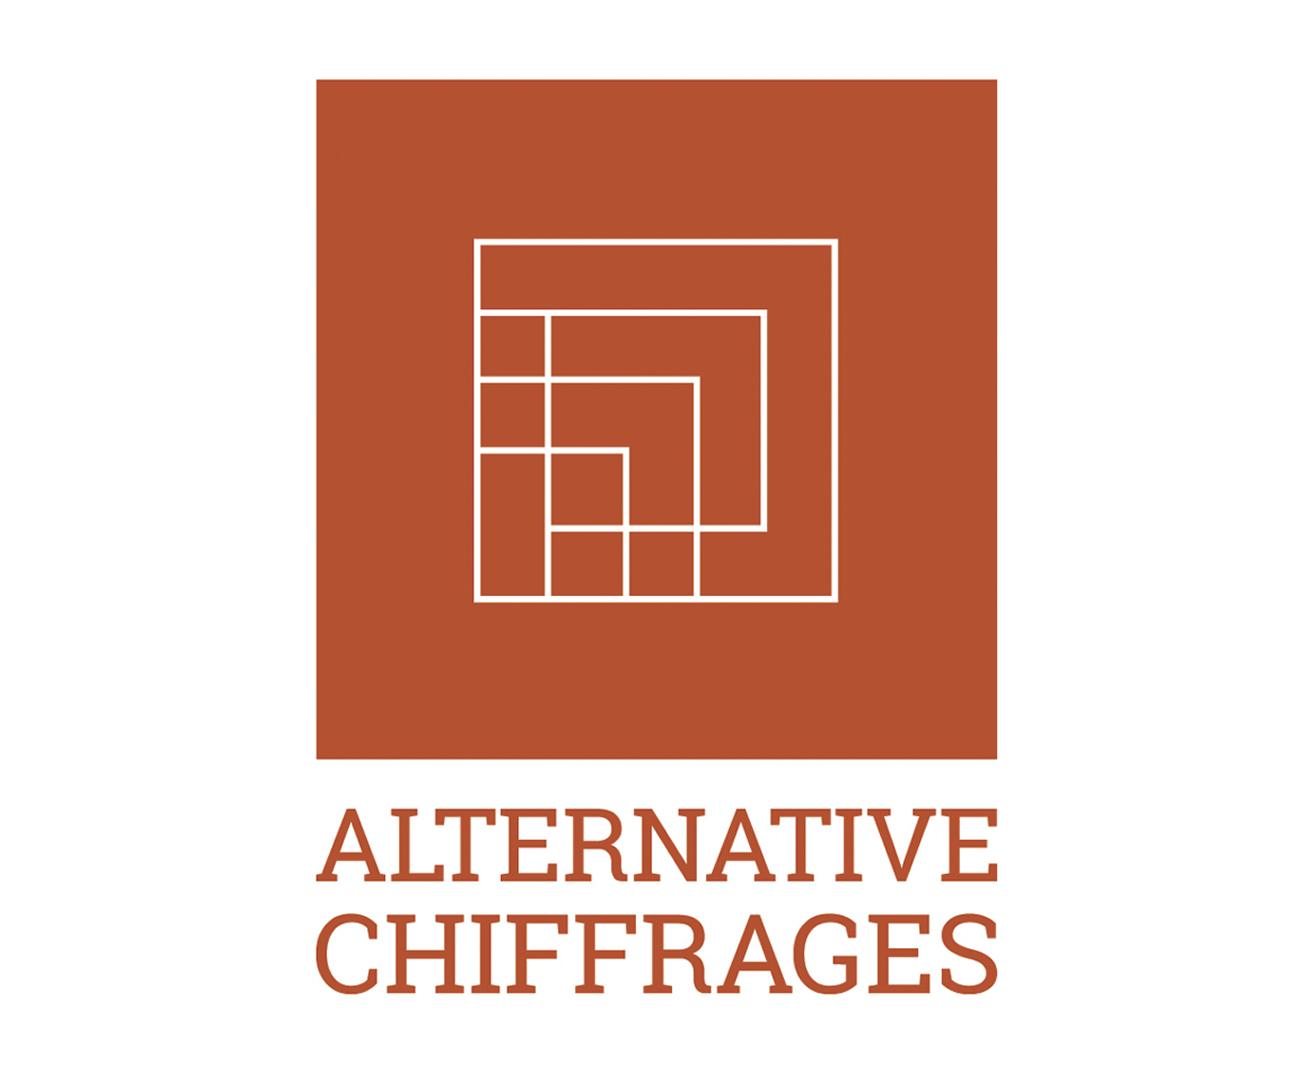 Alternative Chiffrages